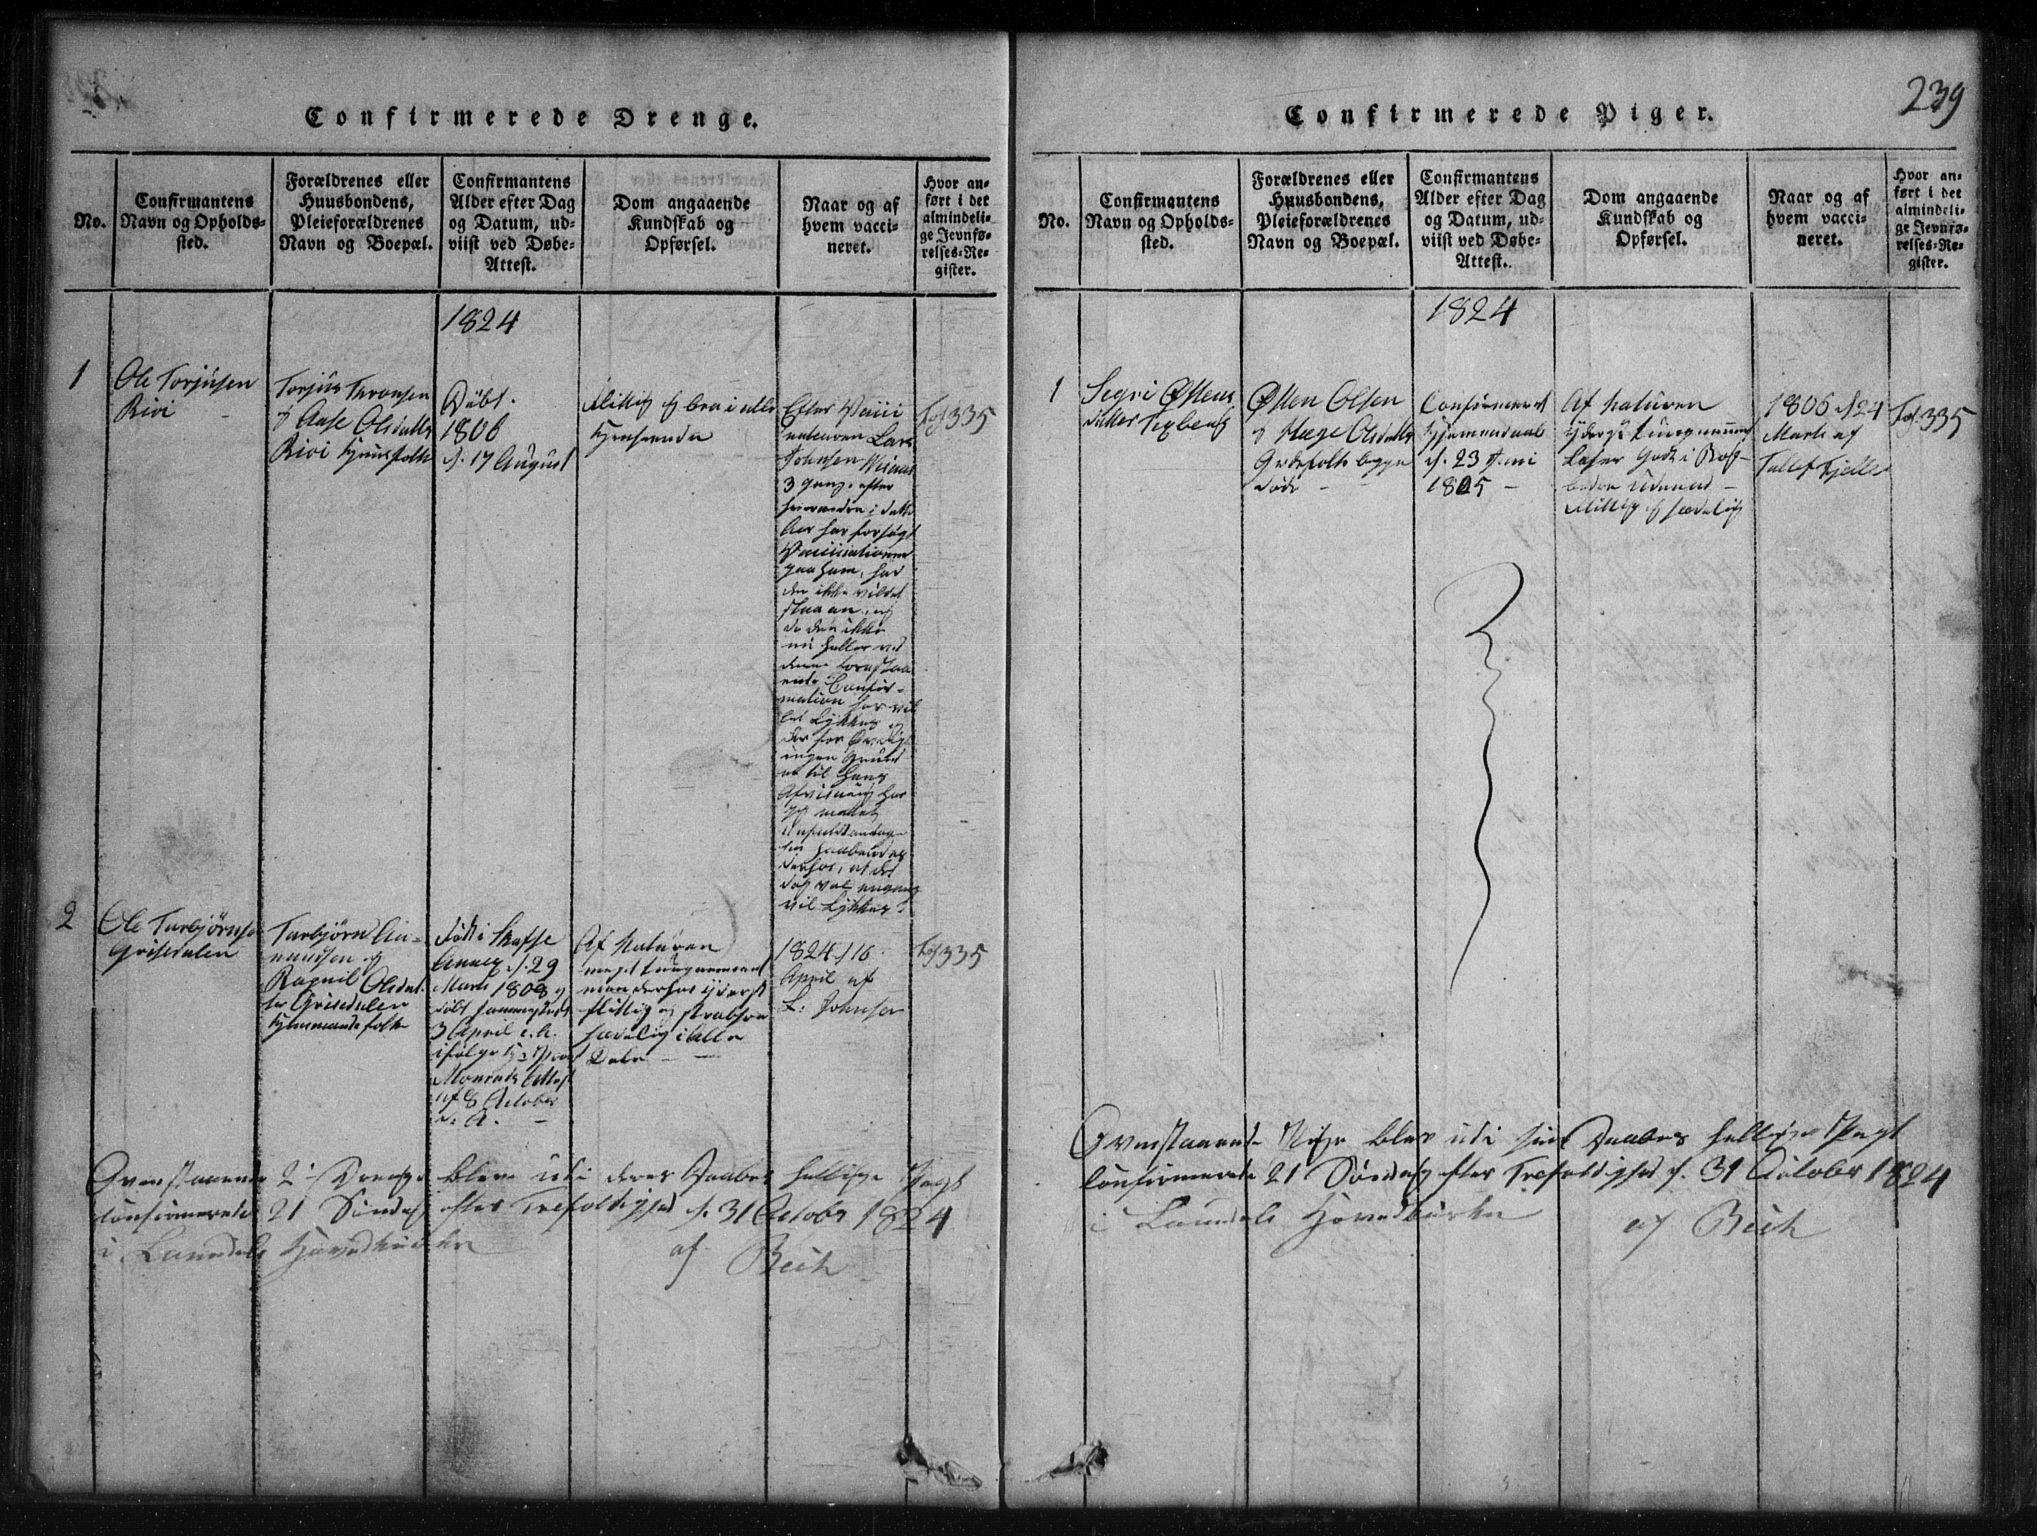 SAKO, Rauland kirkebøker, G/Gb/L0001: Klokkerbok nr. II 1, 1815-1886, s. 239